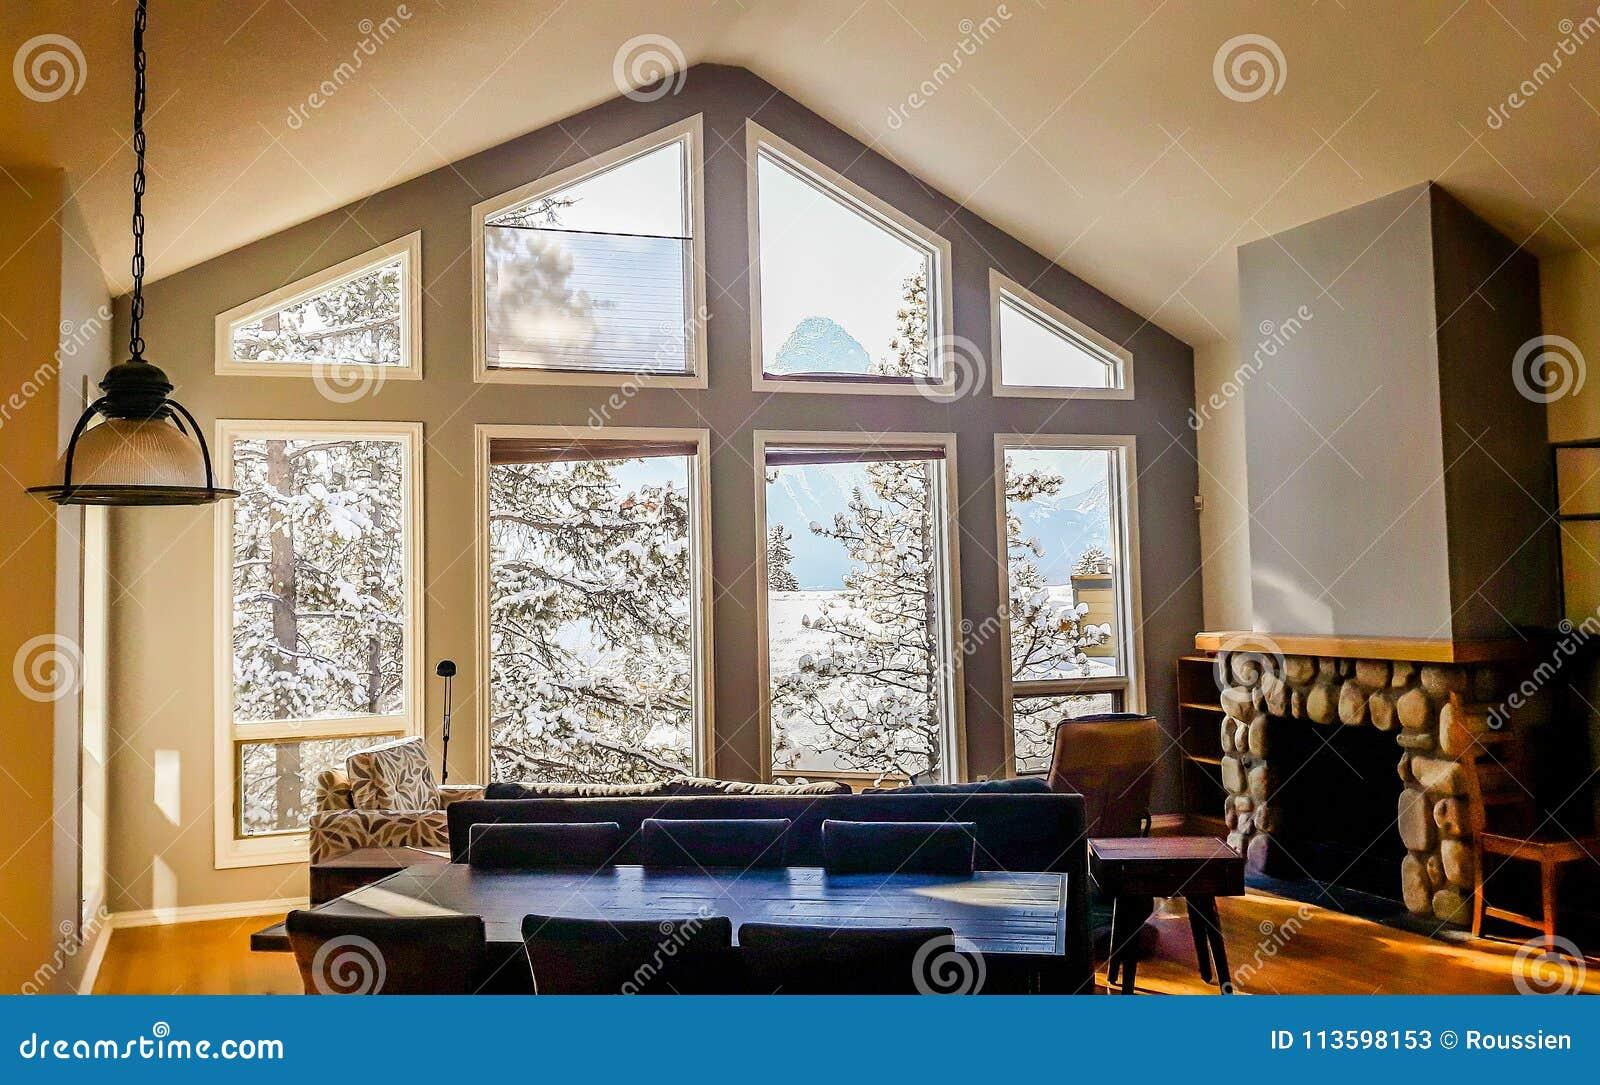 Wohnzimmer Mit Den Breiten Großen Fenstern Typisch Für Gebirgsart In